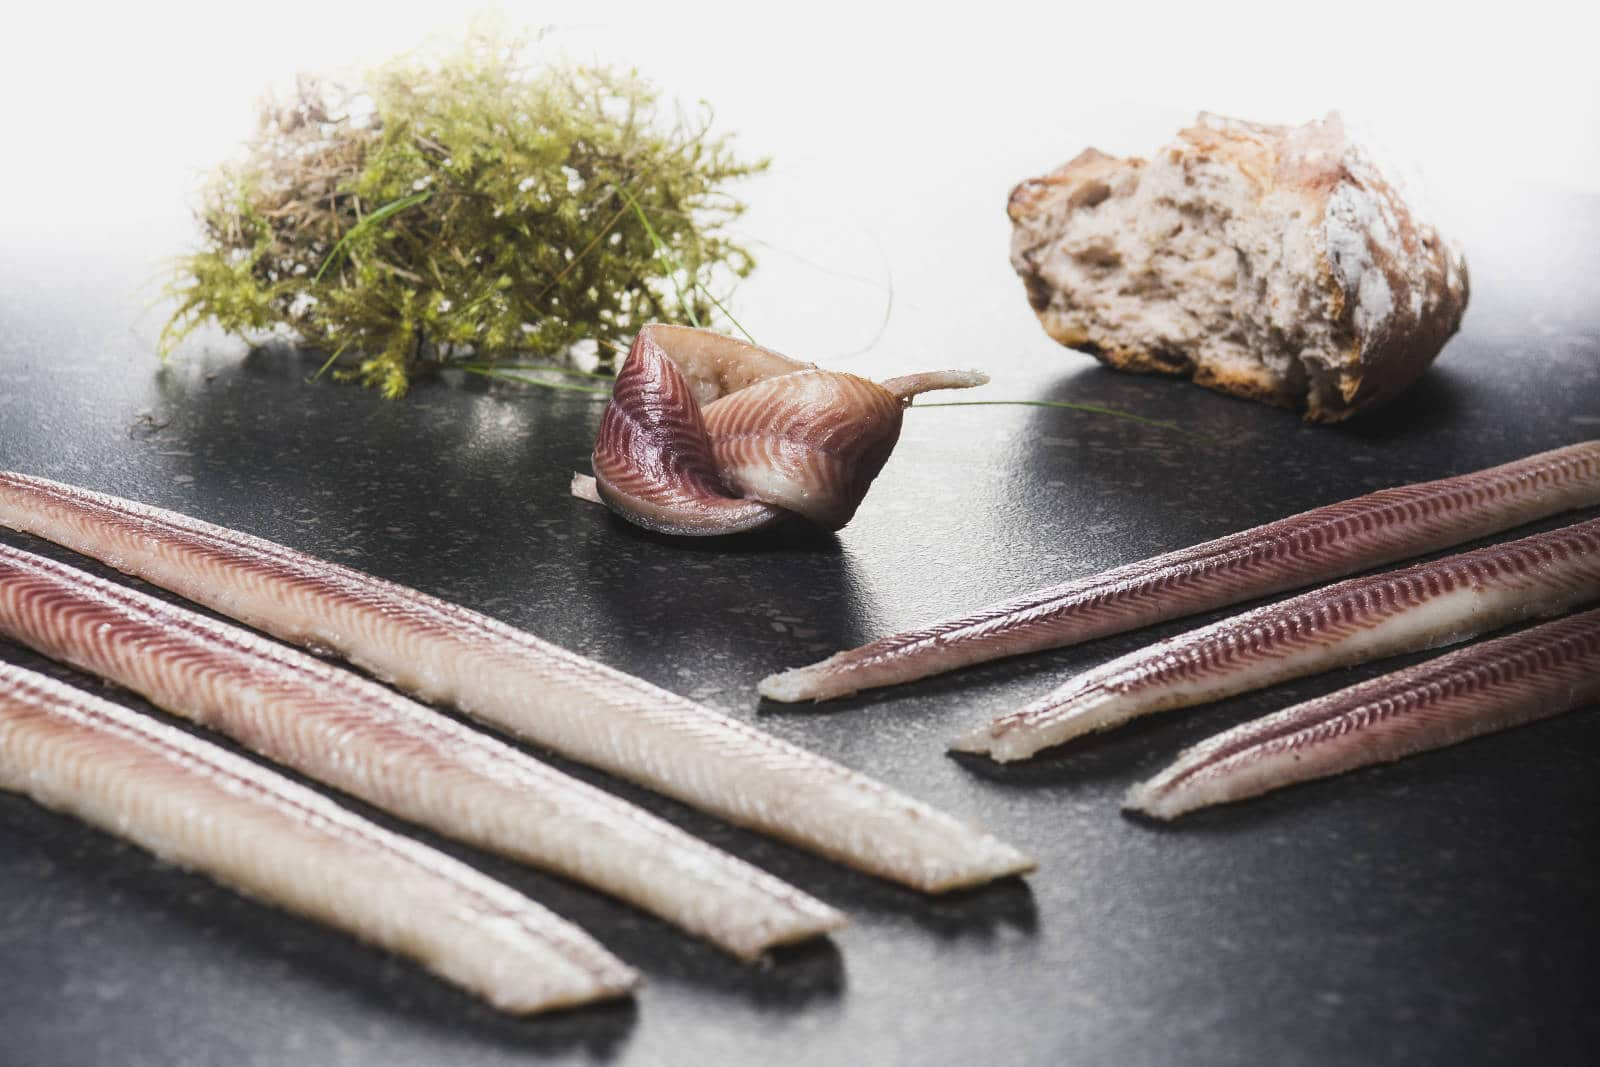 L'anguille fumée